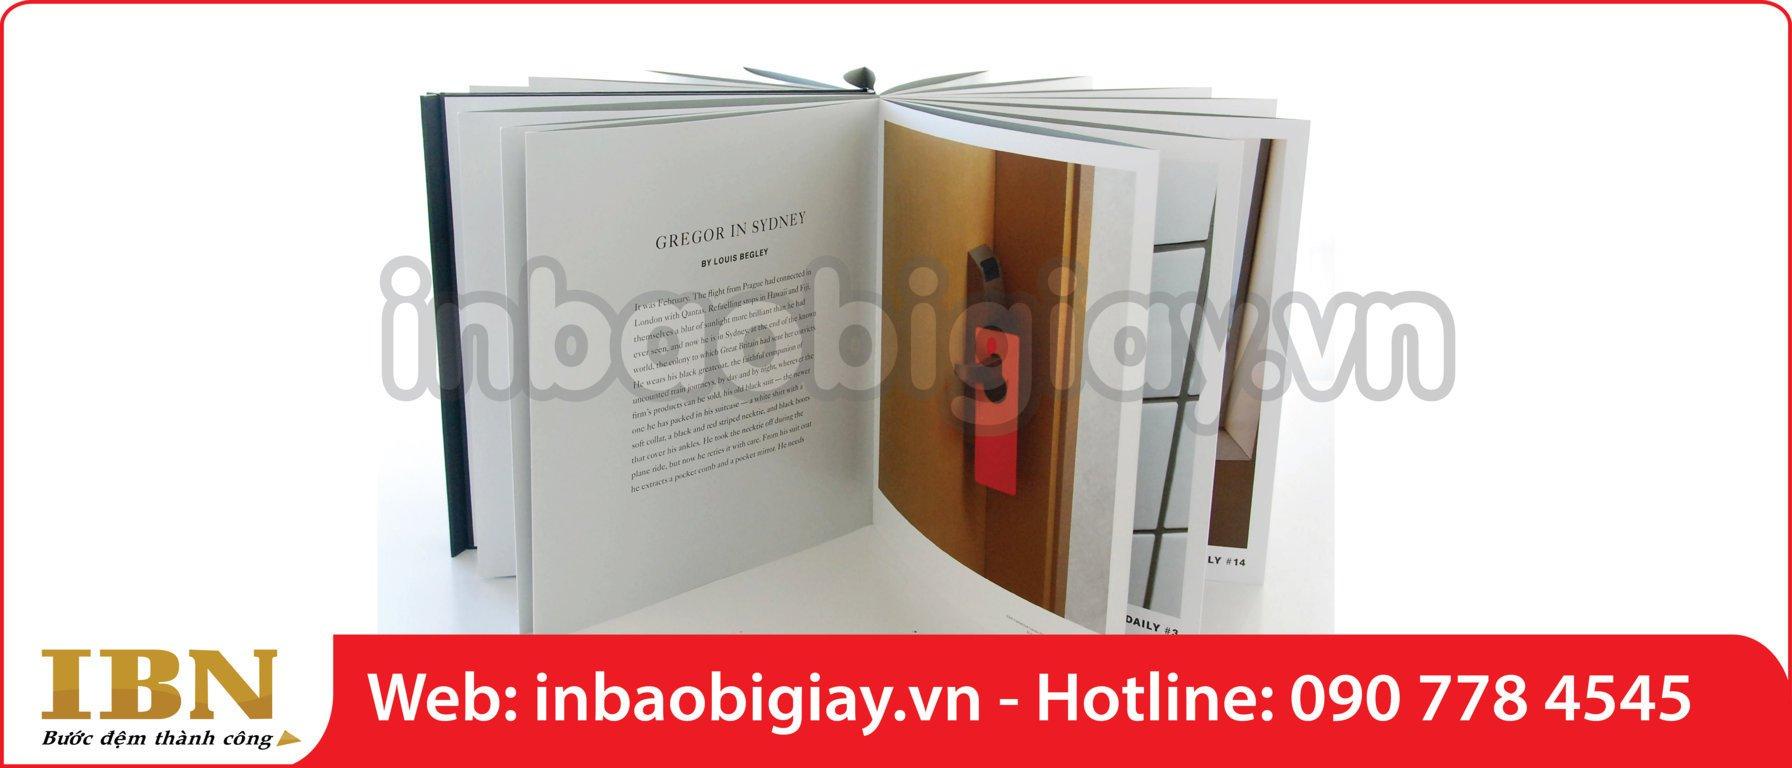 in cataloge đẹp giá rẻ chuyên nghiệp hcm